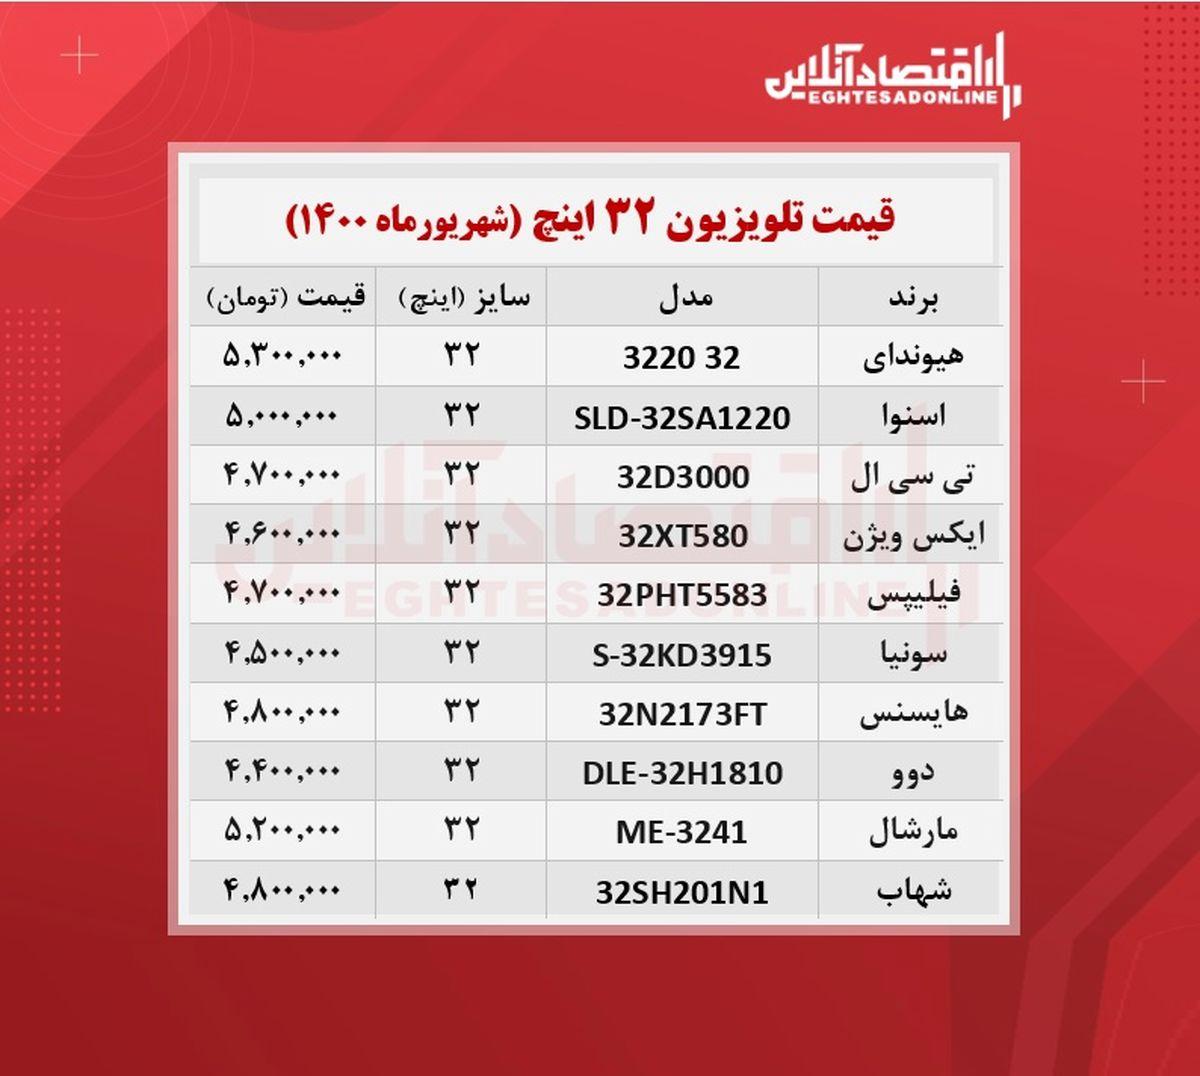 قیمت تلویزیون ۳۲اینچ / ۱۰شهریورماه